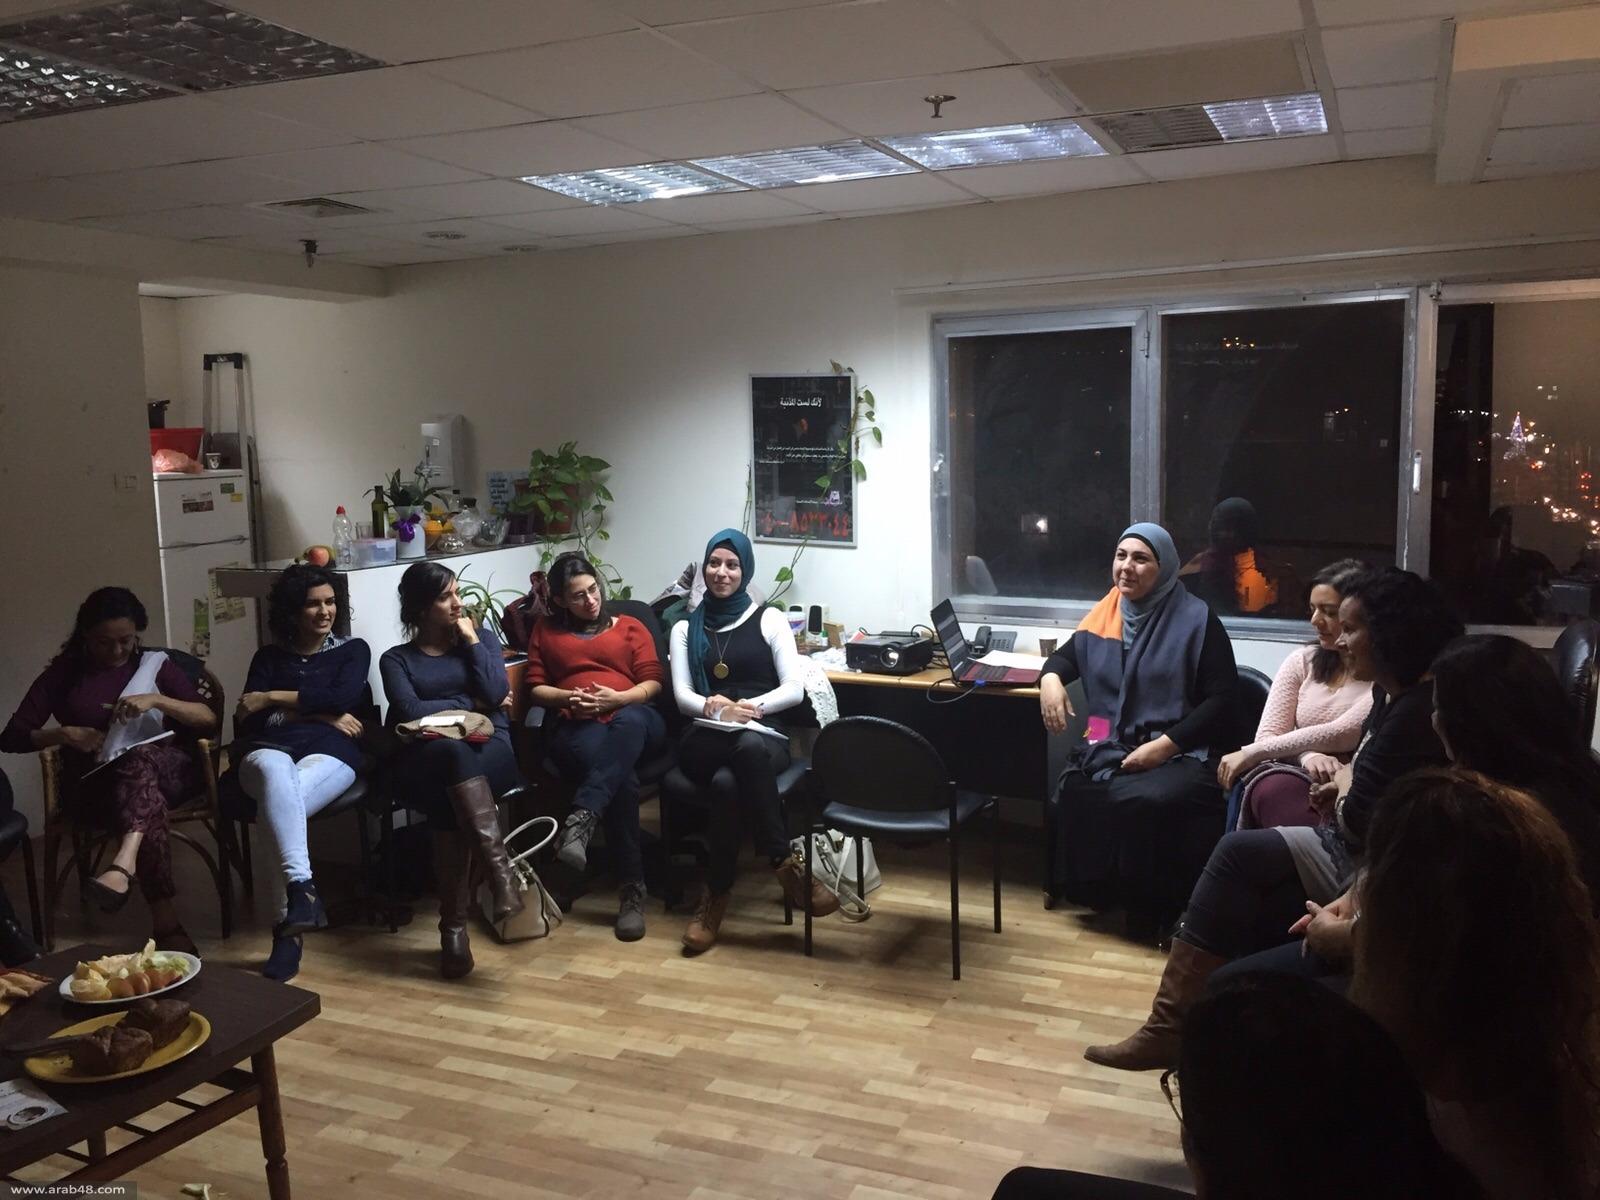 حيفا: ندوة حول الاعتداءات الجنسية داخل العائلة